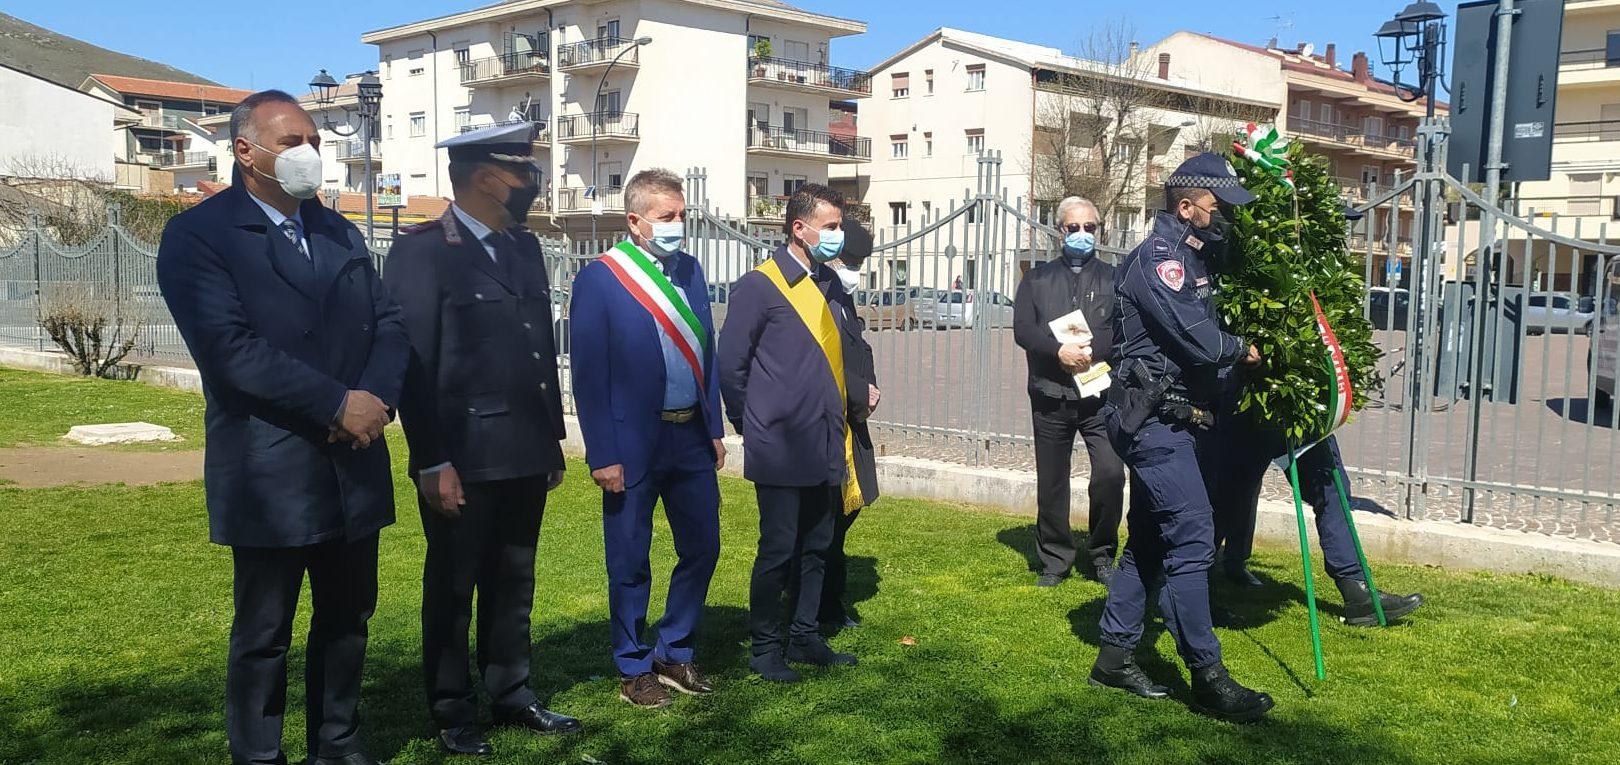 """25 aprile, il sindaco Di Pangrazio """" insieme sconfiggeremo anche il virus"""""""